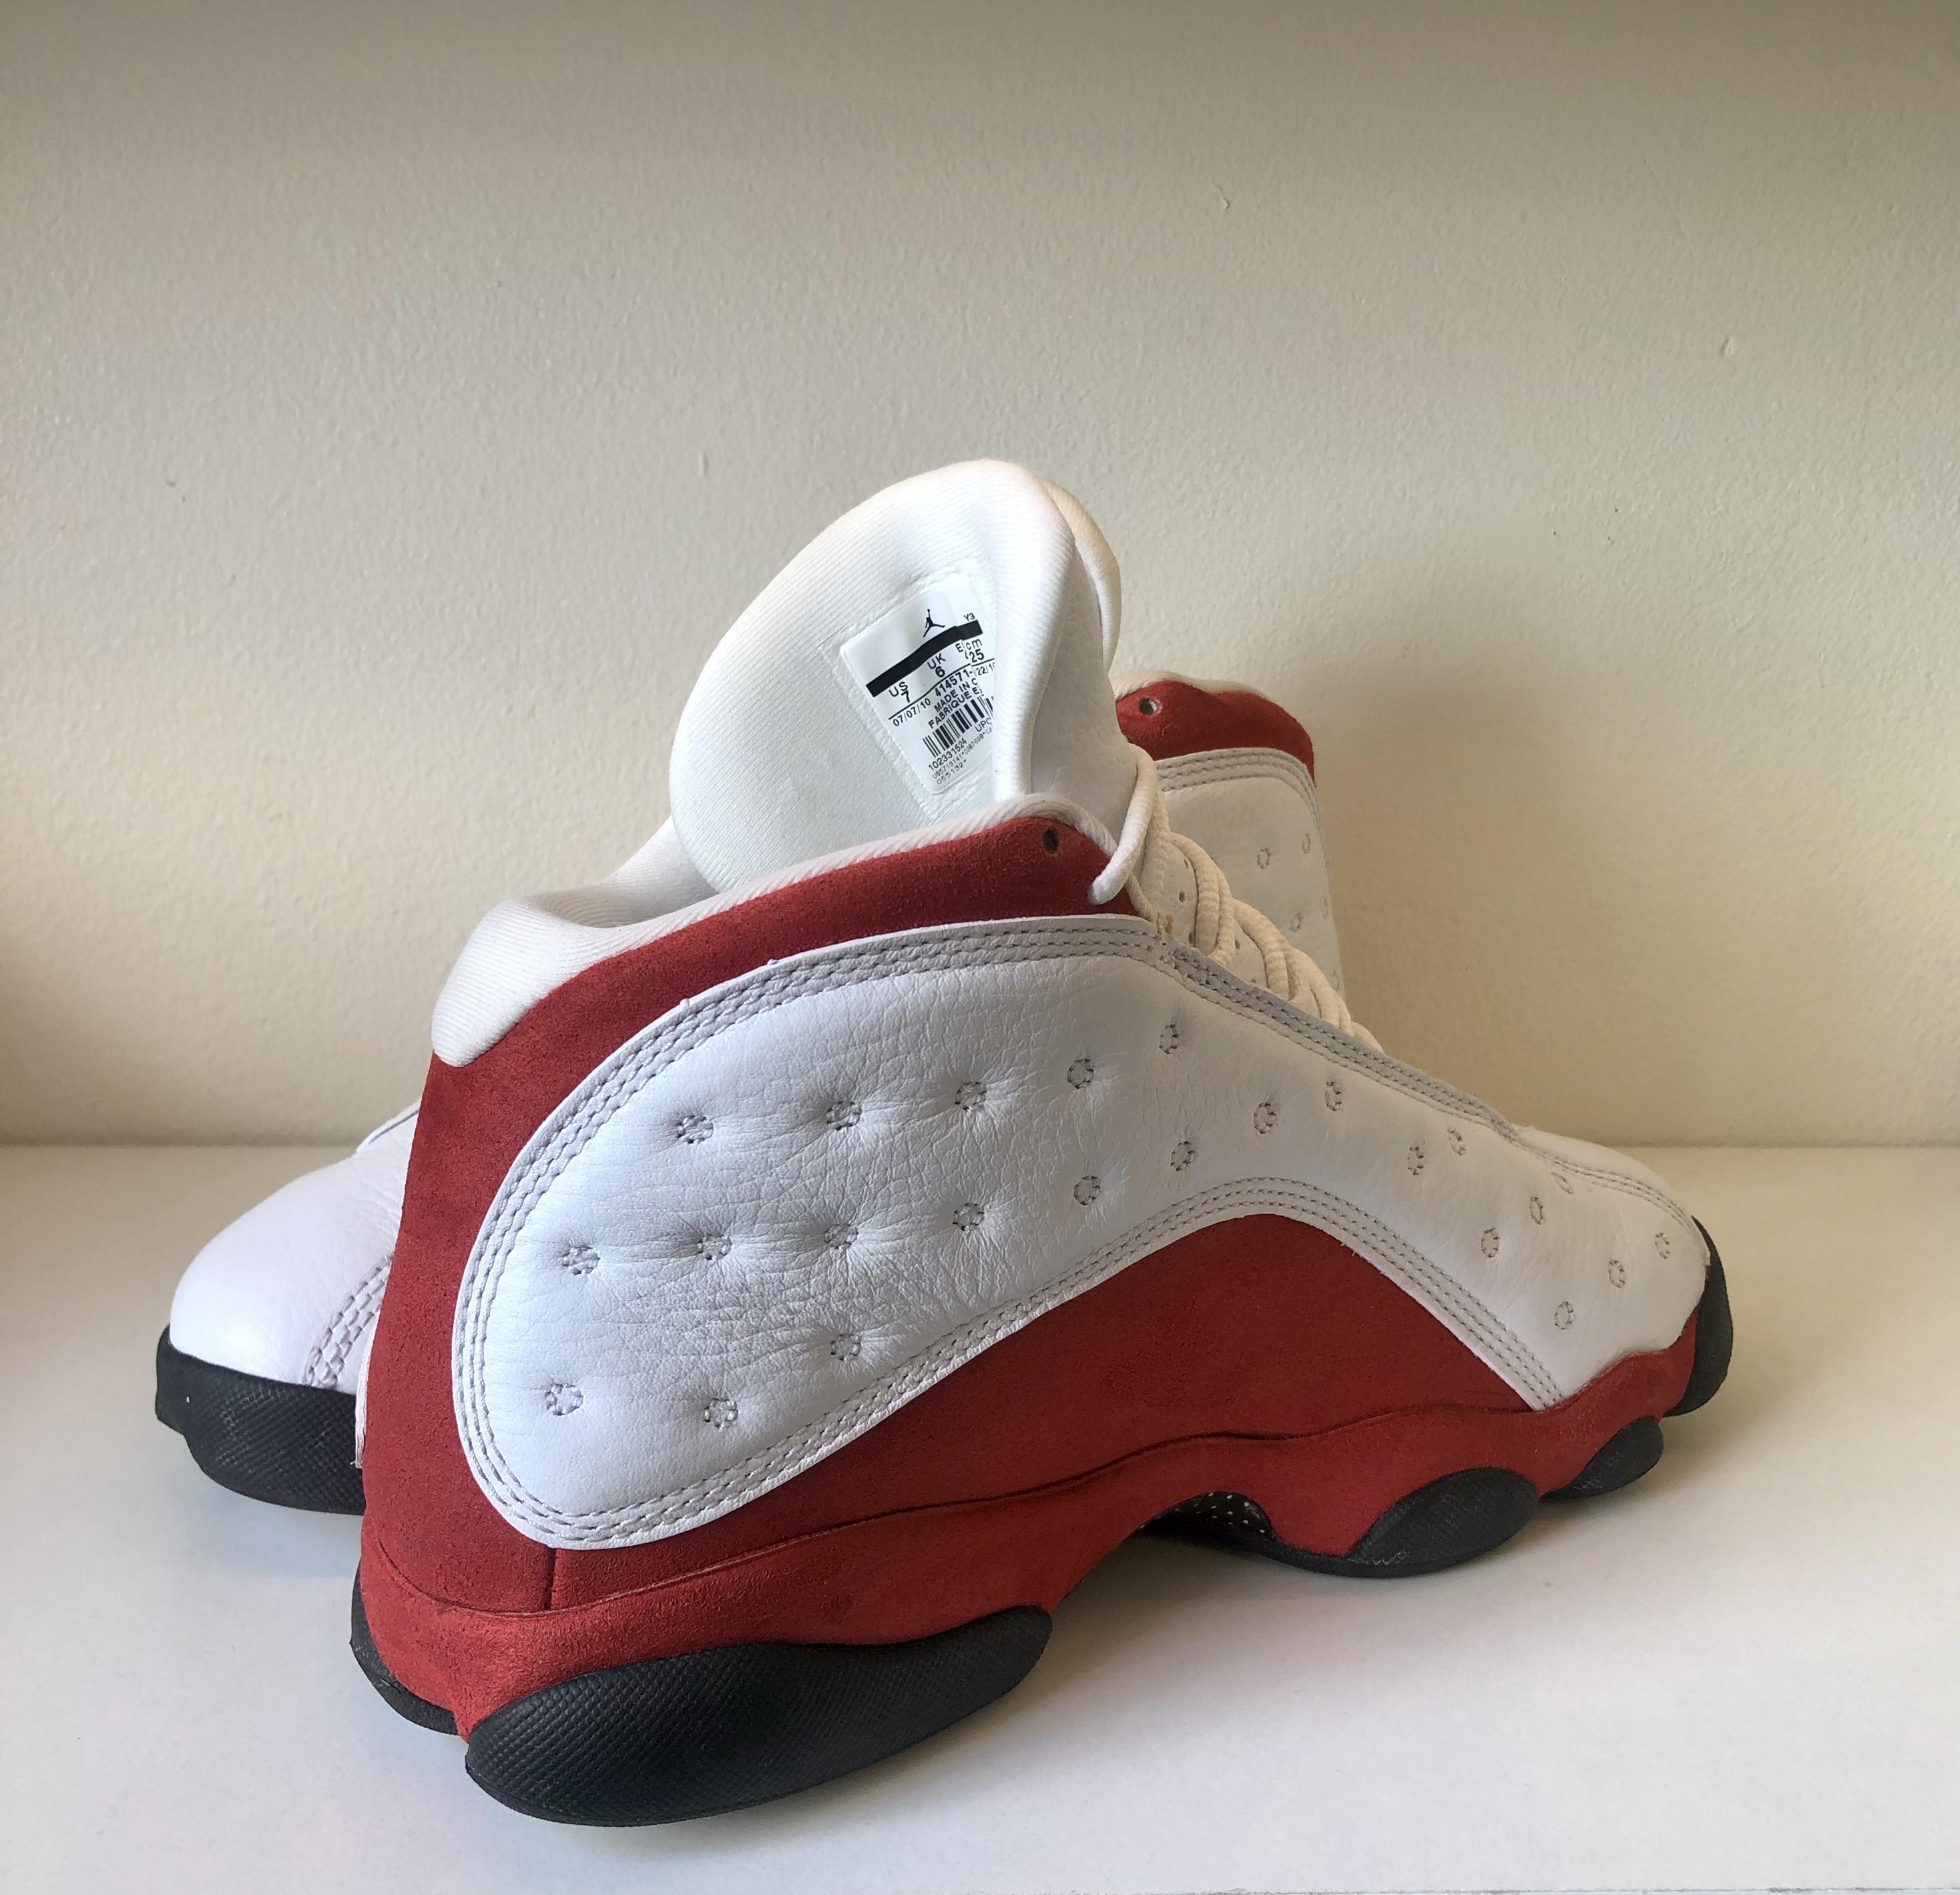 Jordan 13 Retro Cherry